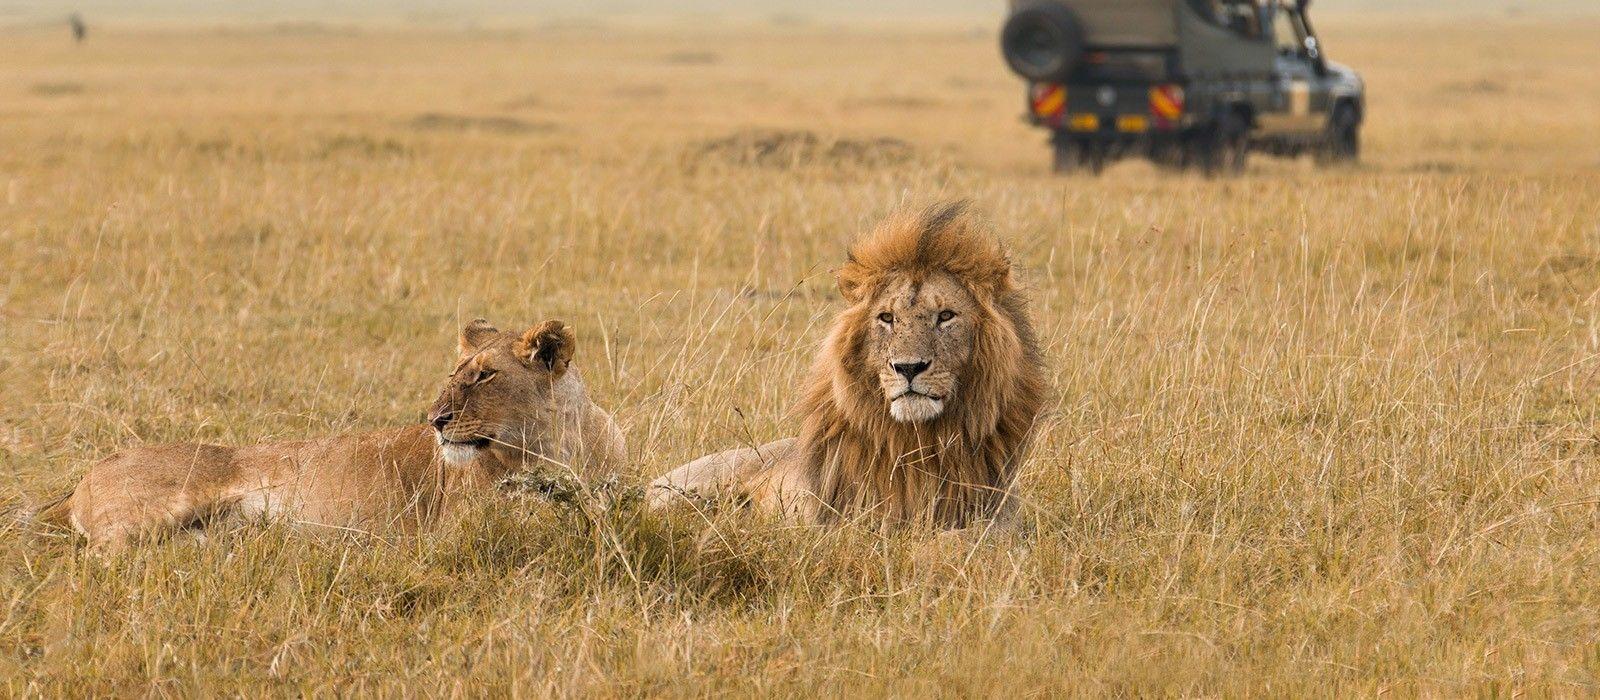 Kenia & Tansania Safarireise: Ungezähmte Wildnis Urlaub 3